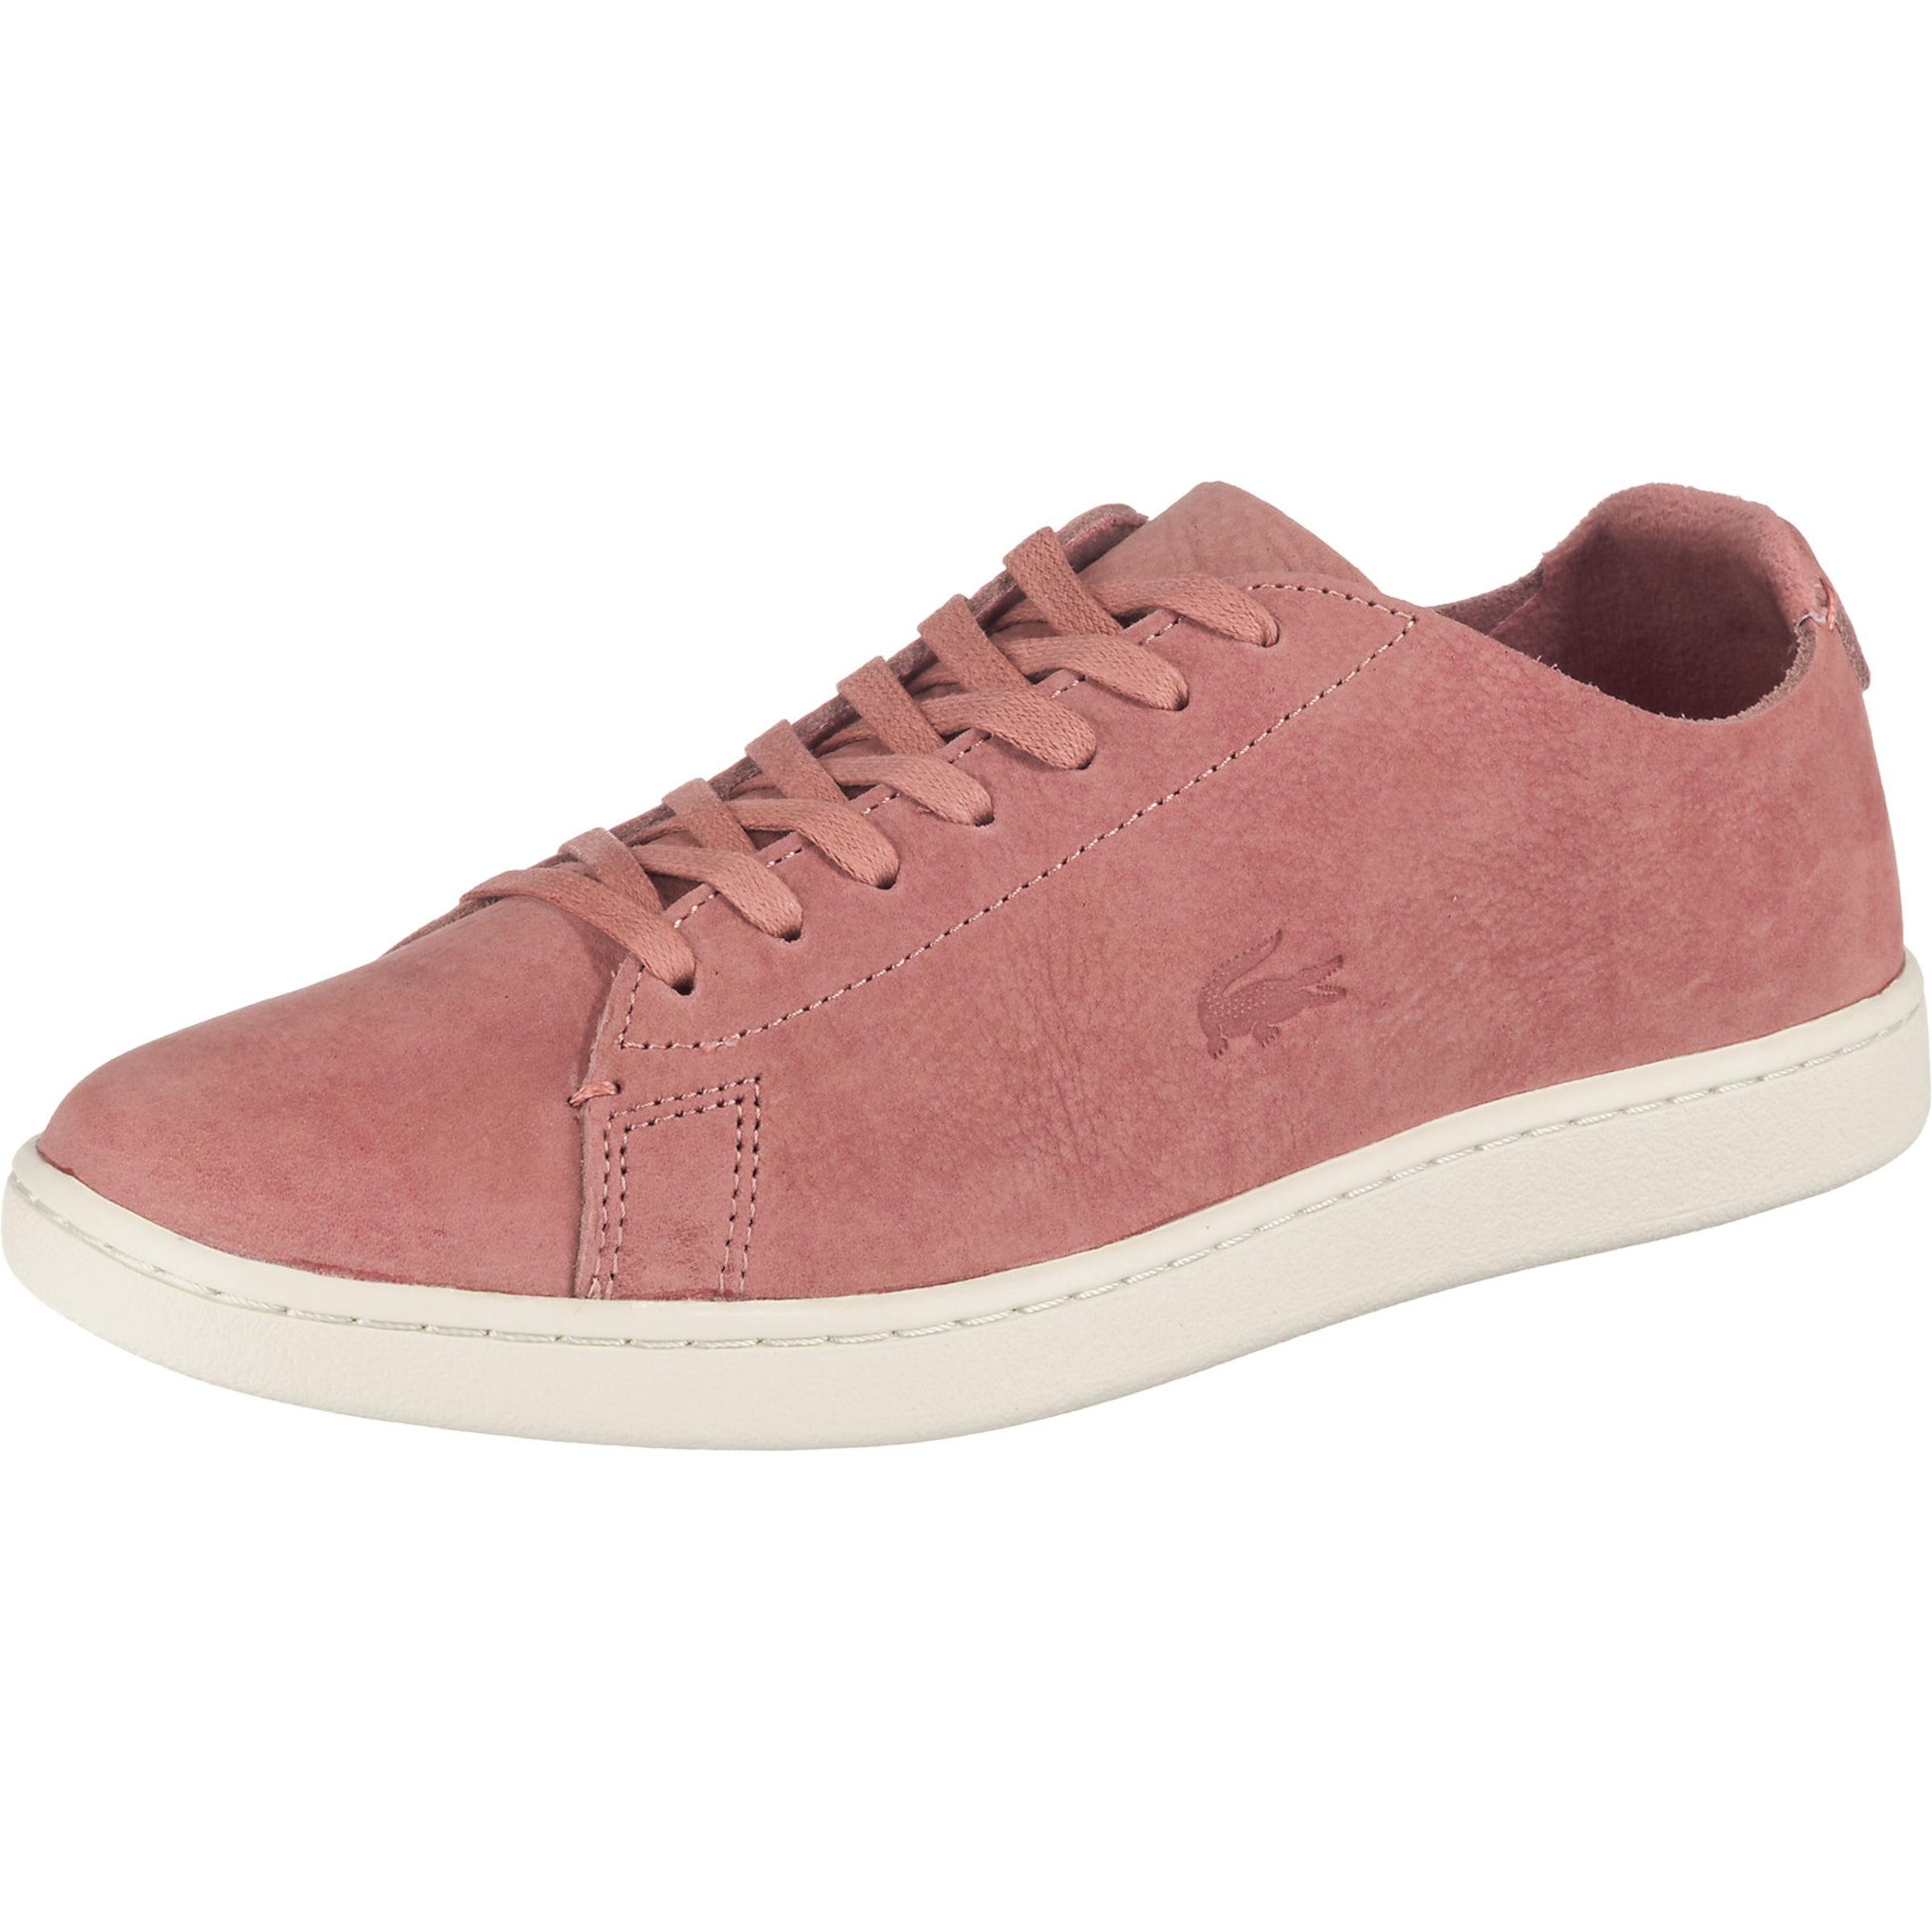 'carnaby Evo Lachs In 119 4 Sfa' Sneaker Lacoste 80wPZNOXkn